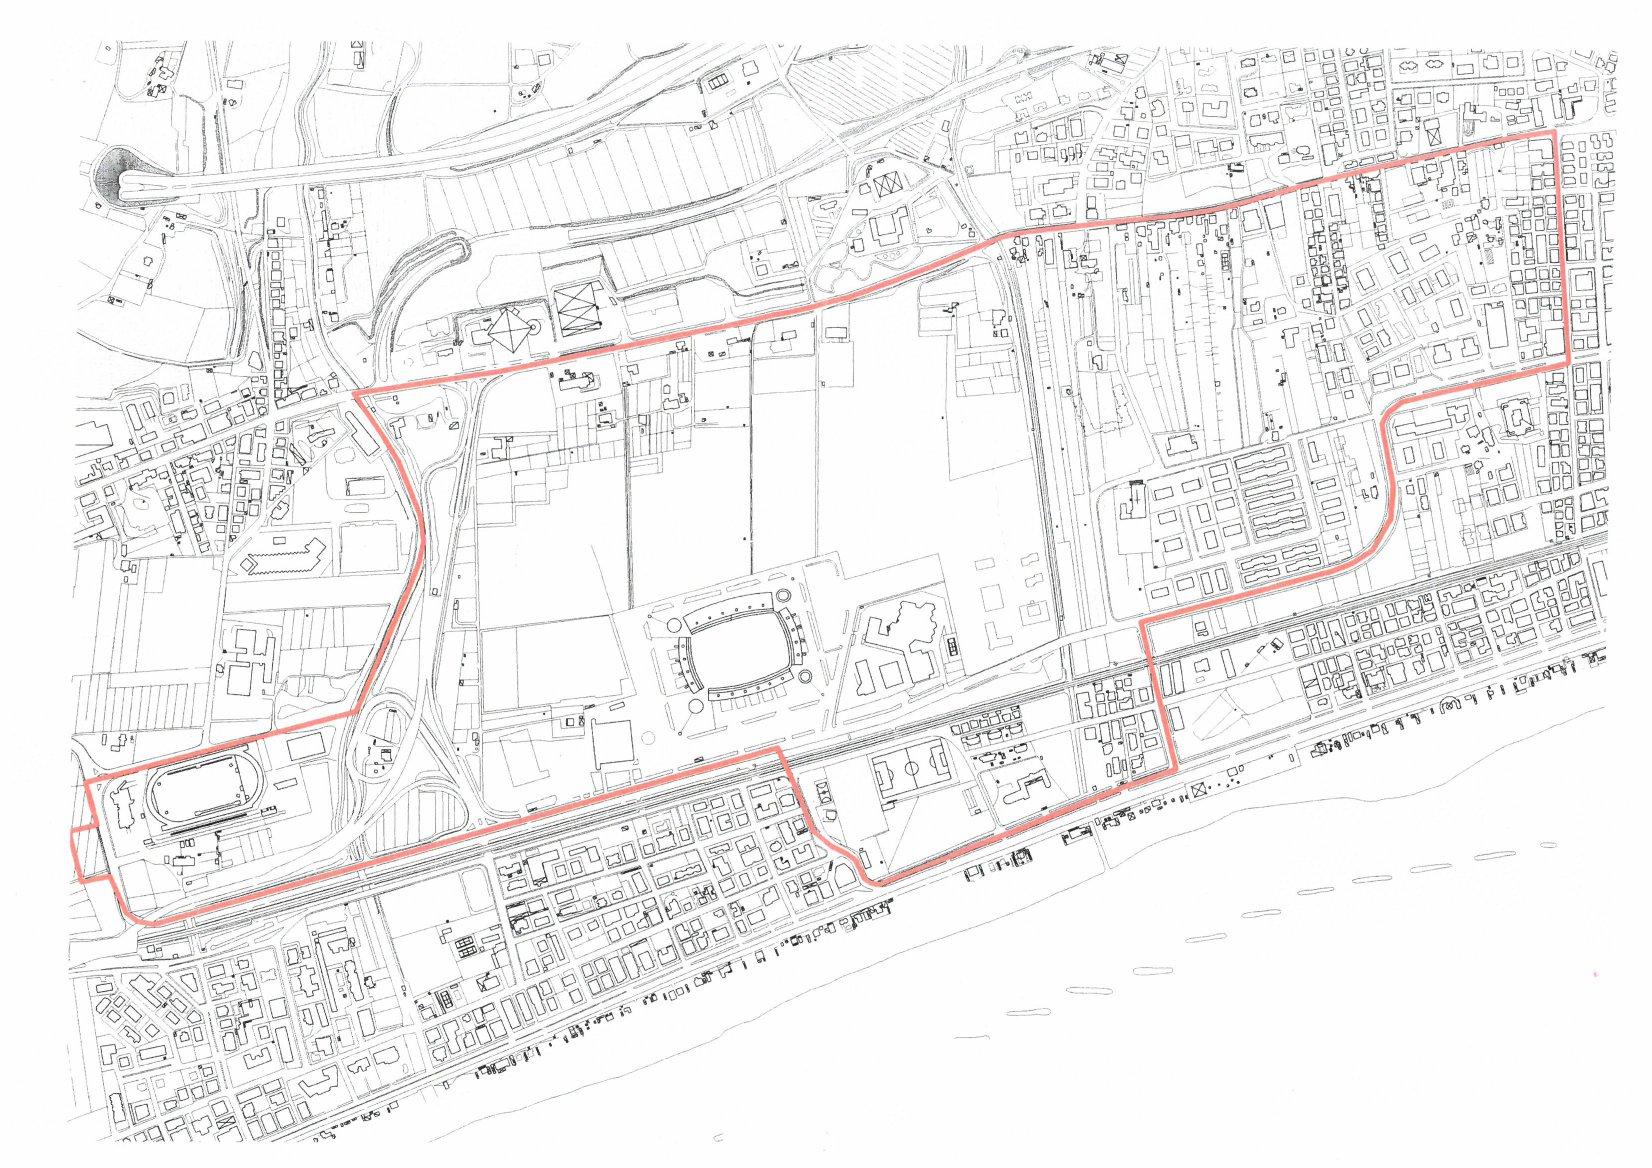 """La planimetria dell'area intorno al """"Riviera delle Palme"""" interessata dal divieto"""